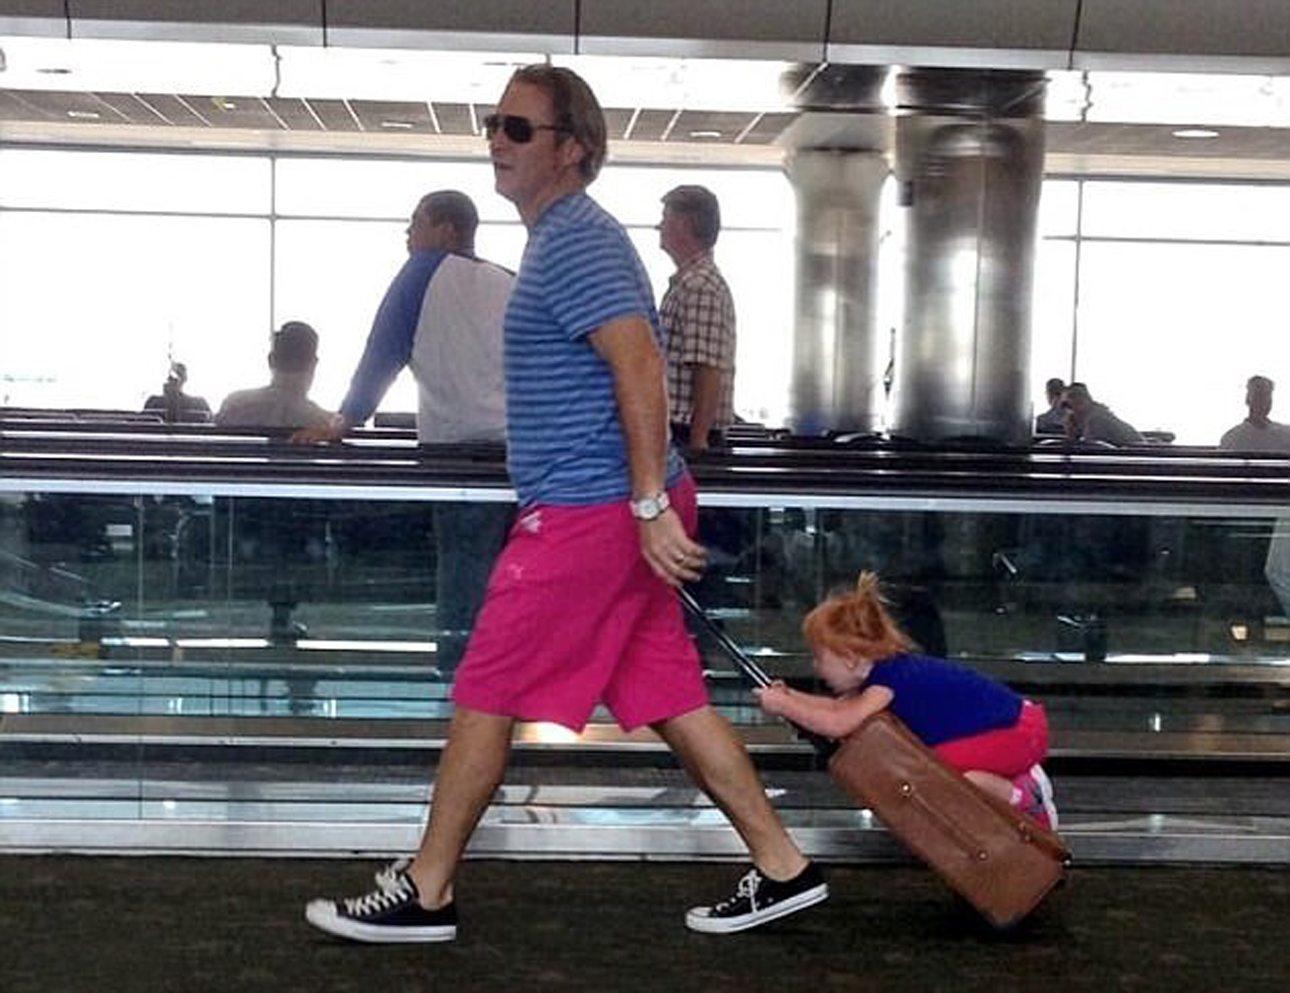 Ο μπαμπάς της φωτογραφίας το διασκεδάζει με την κόρη του, μεταφέροντας την στο αεροδρόμιο πάνω στη βαλίτσα